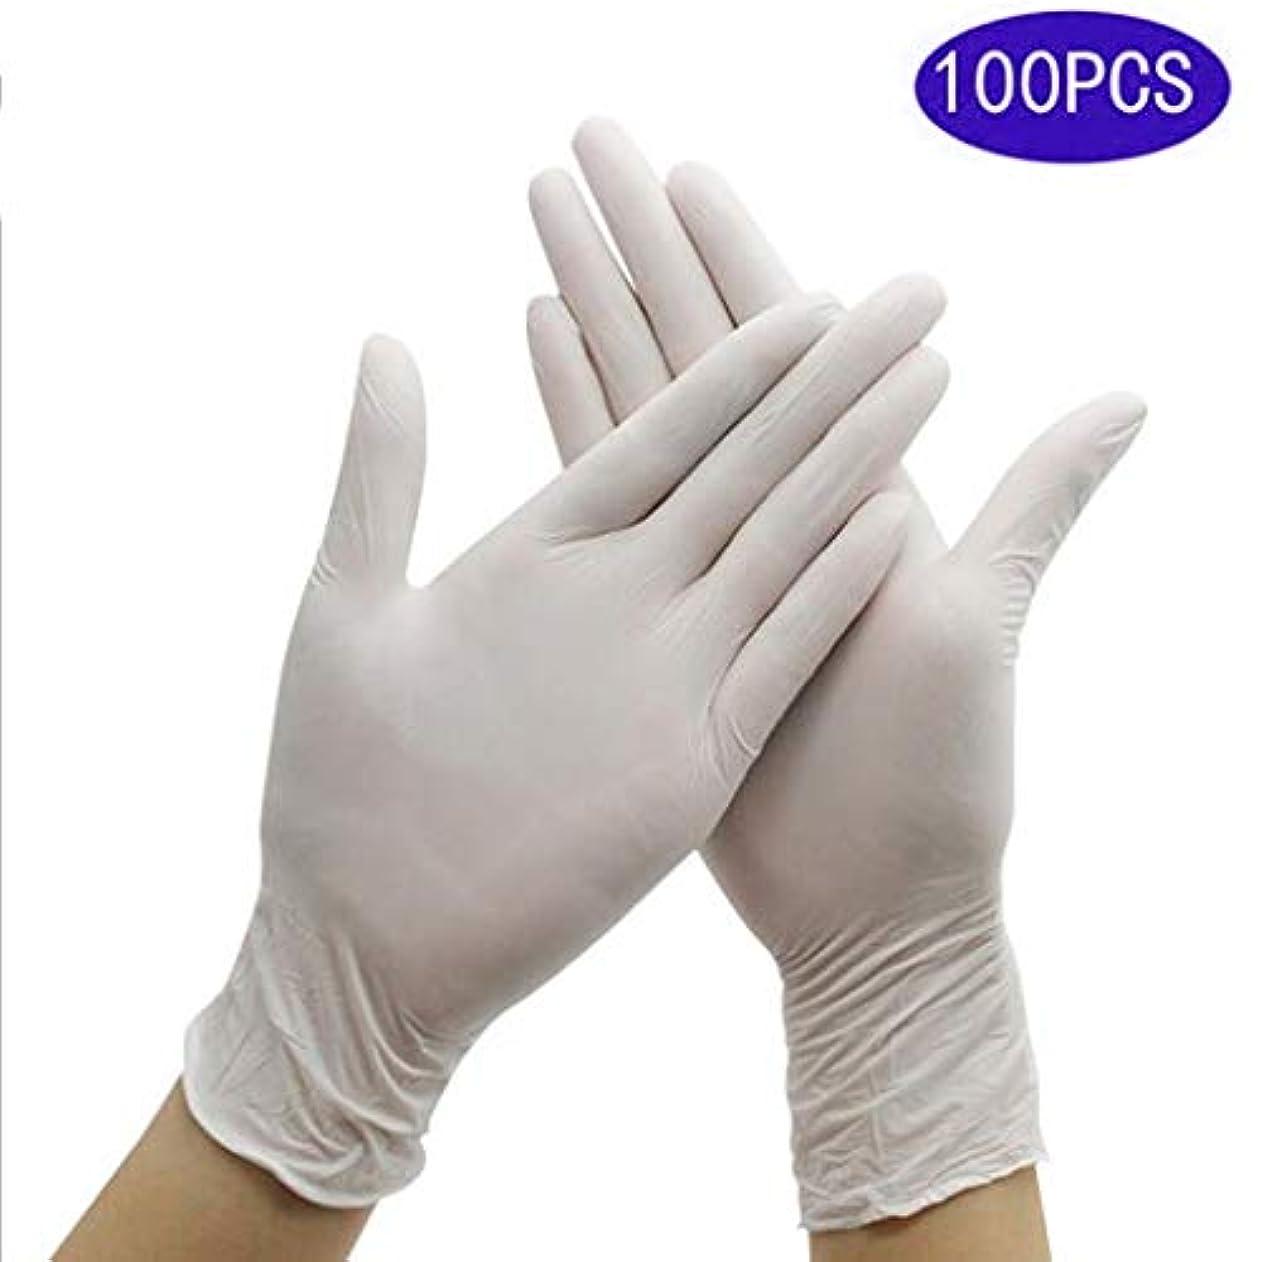 レンジパンフレットカードニトリル手袋使い捨て白ニトリル手袋、ケータリング、家庭の保護、食品グレードのゴム手袋デューティ検査用手袋|病院のための専門の等級 (Color : 9 inch, Size : L)